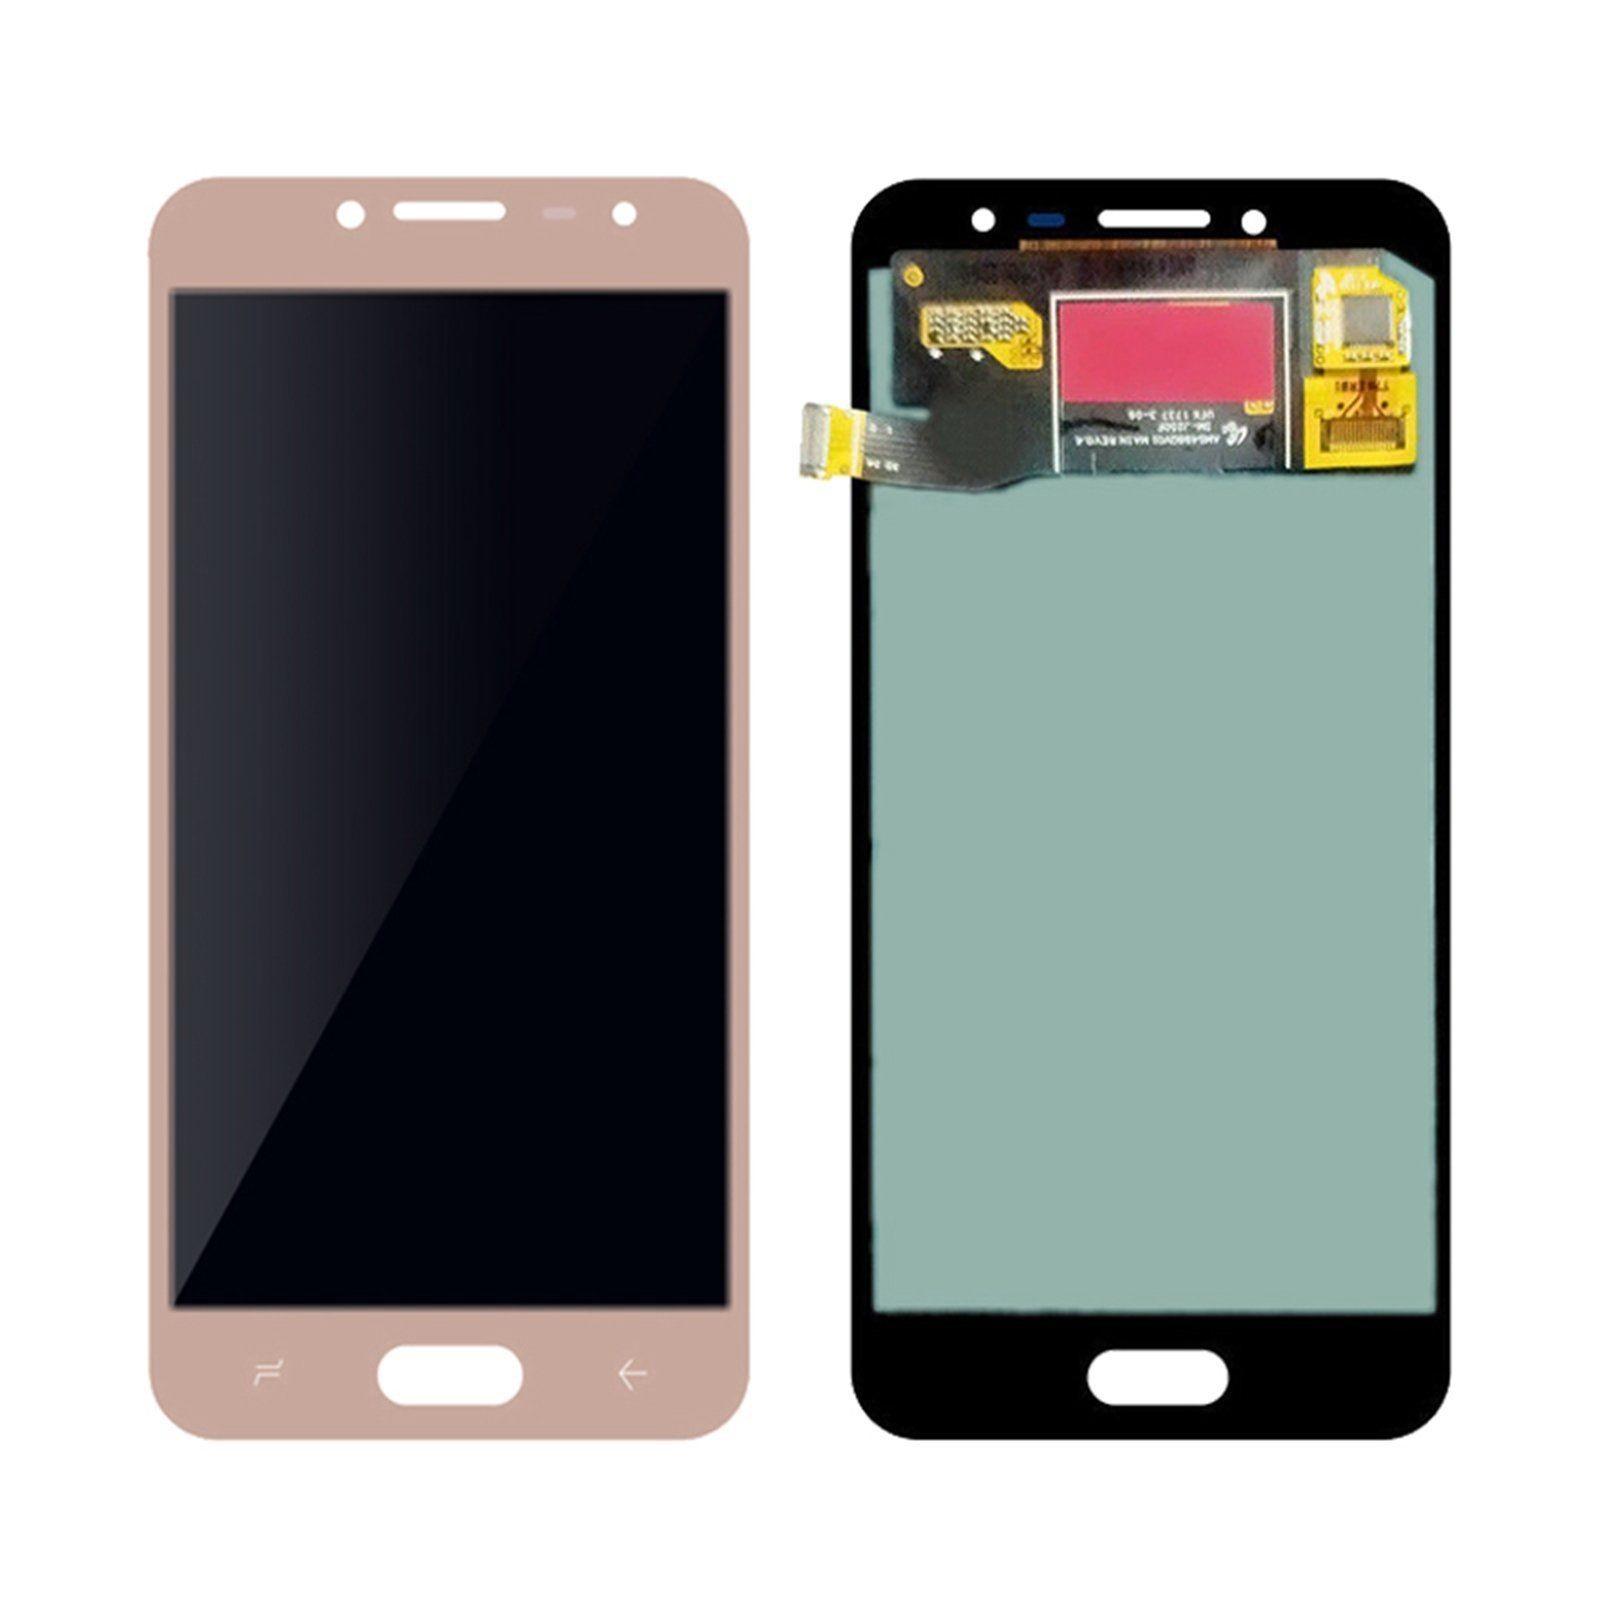 Pantalla Completa Lcd Y Tctil Color Dorado Para Samsung Galaxy J2 Acer E380 Liquid E3 Duo Dual Sim 16 Gb Hitam Pro 2018 J250 Celuinfo